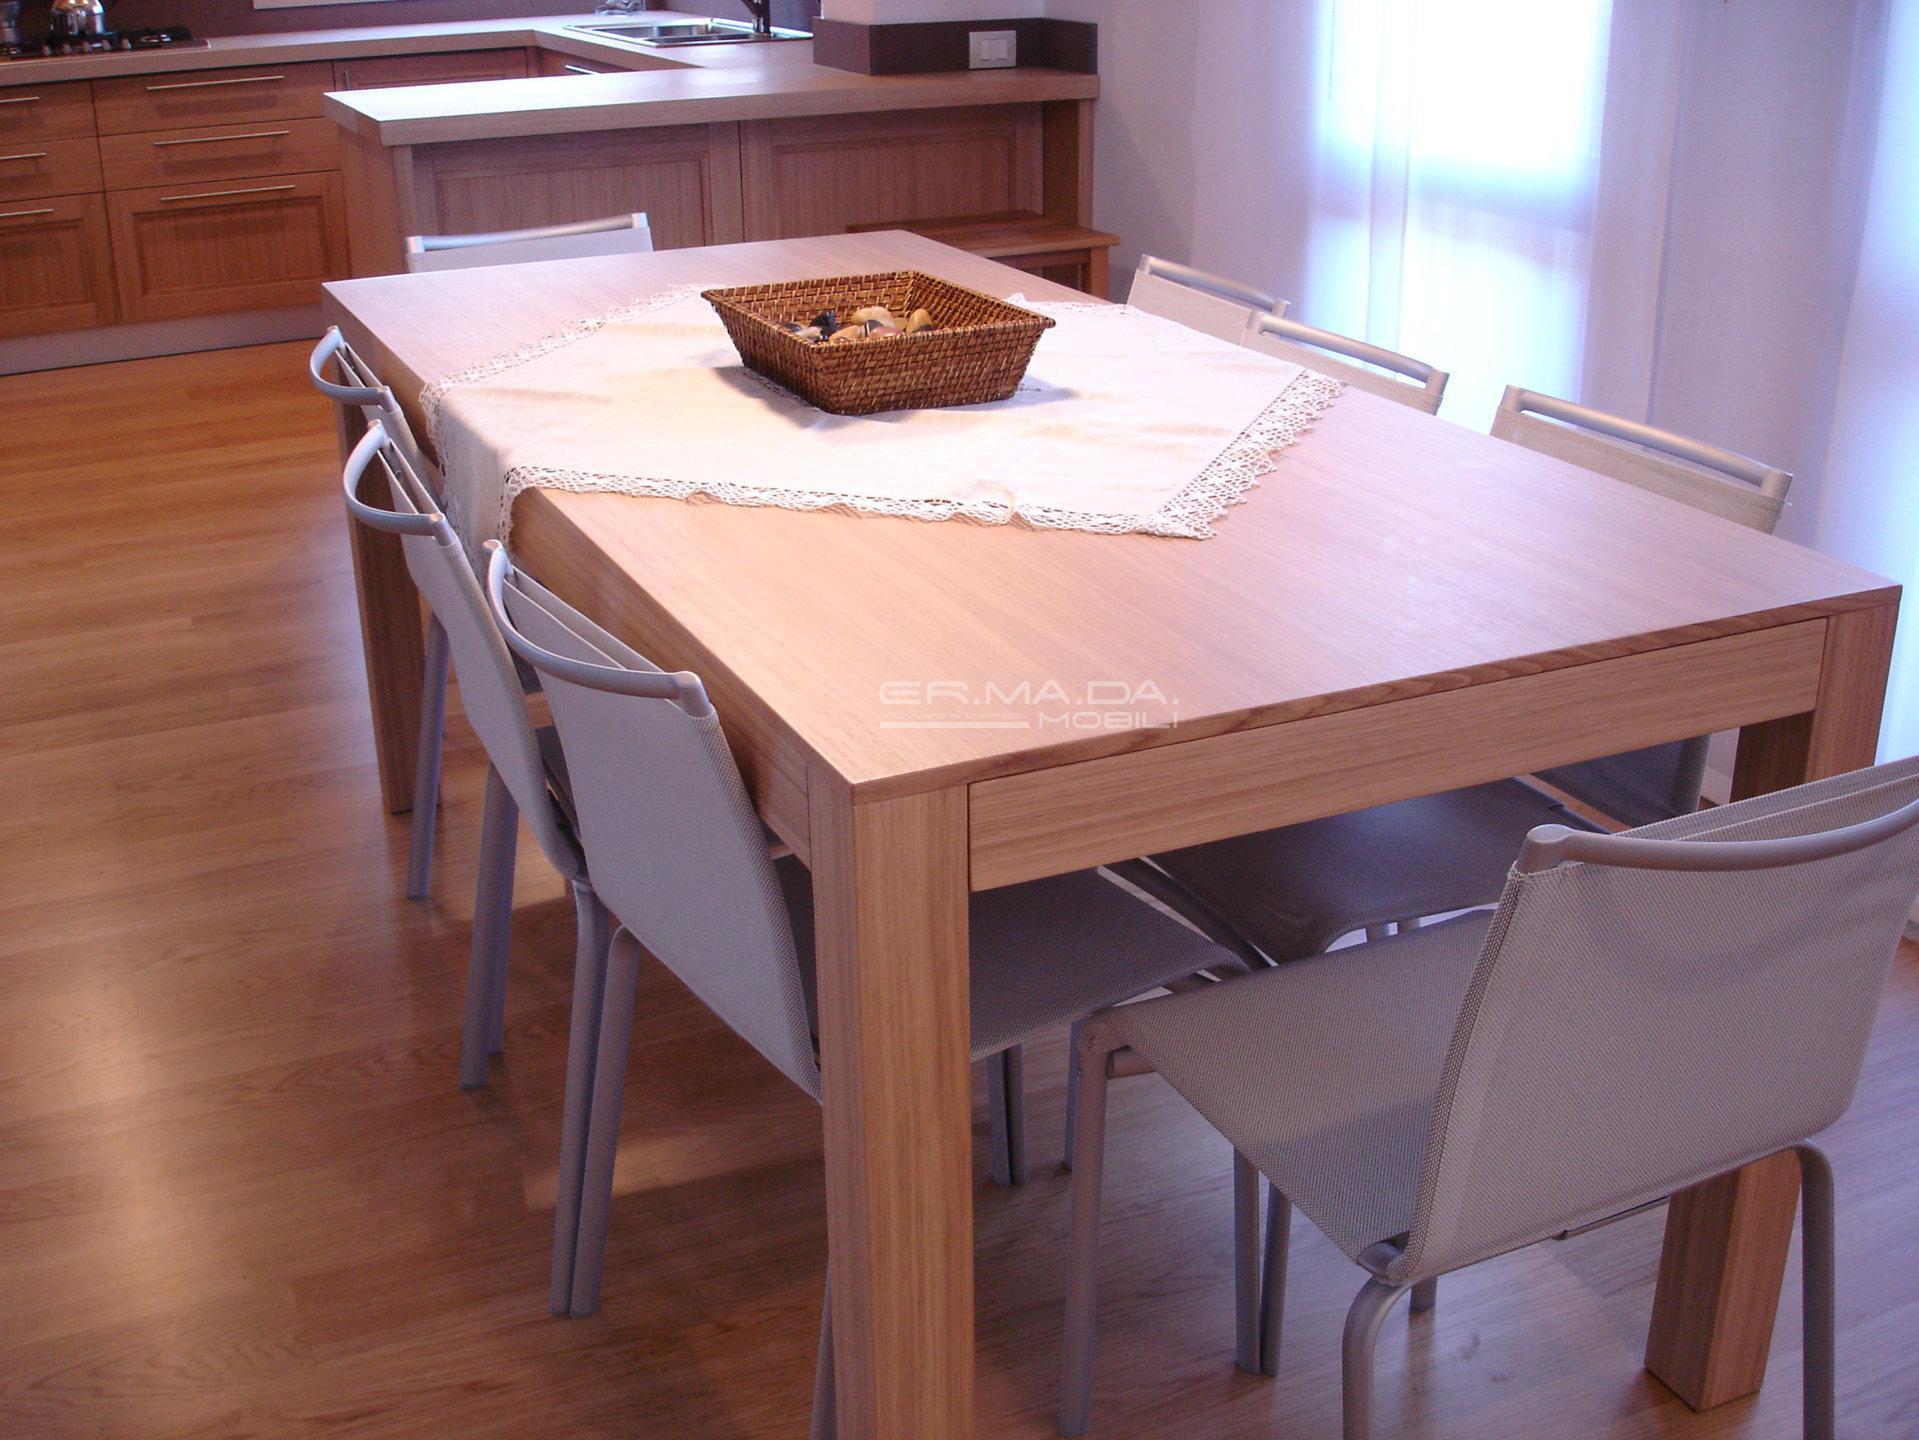 7 Cucina rovere naturale a telaio - ER. MA. DA. Mobilificio ...